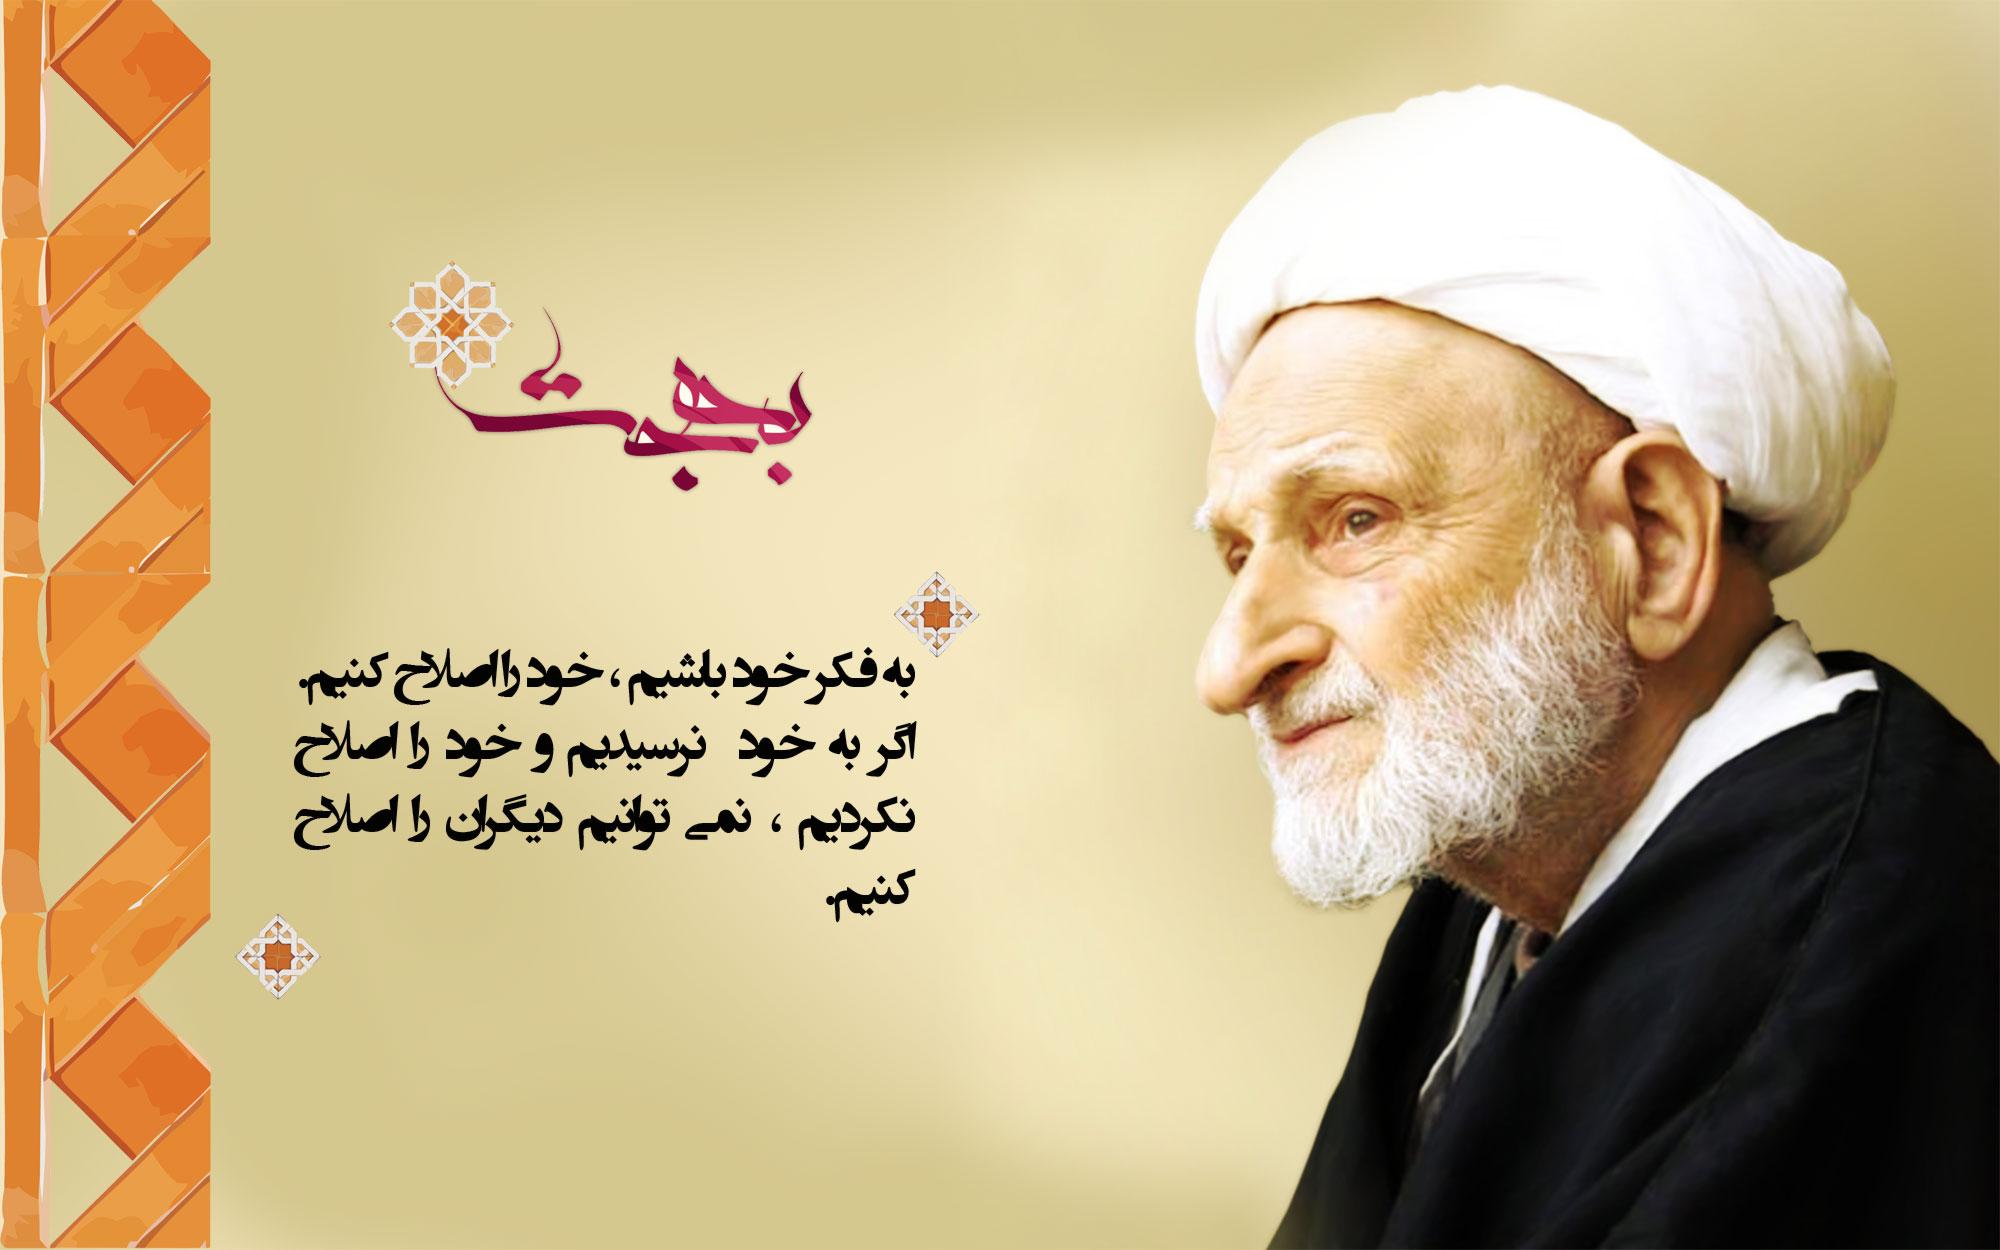 عکس و نوشته مذهبی . آیت الله بهجت   پوستر: آیت الله بهجت ، اگر خود را اصلاح نکنیم !  Ayatollah Bahjat12